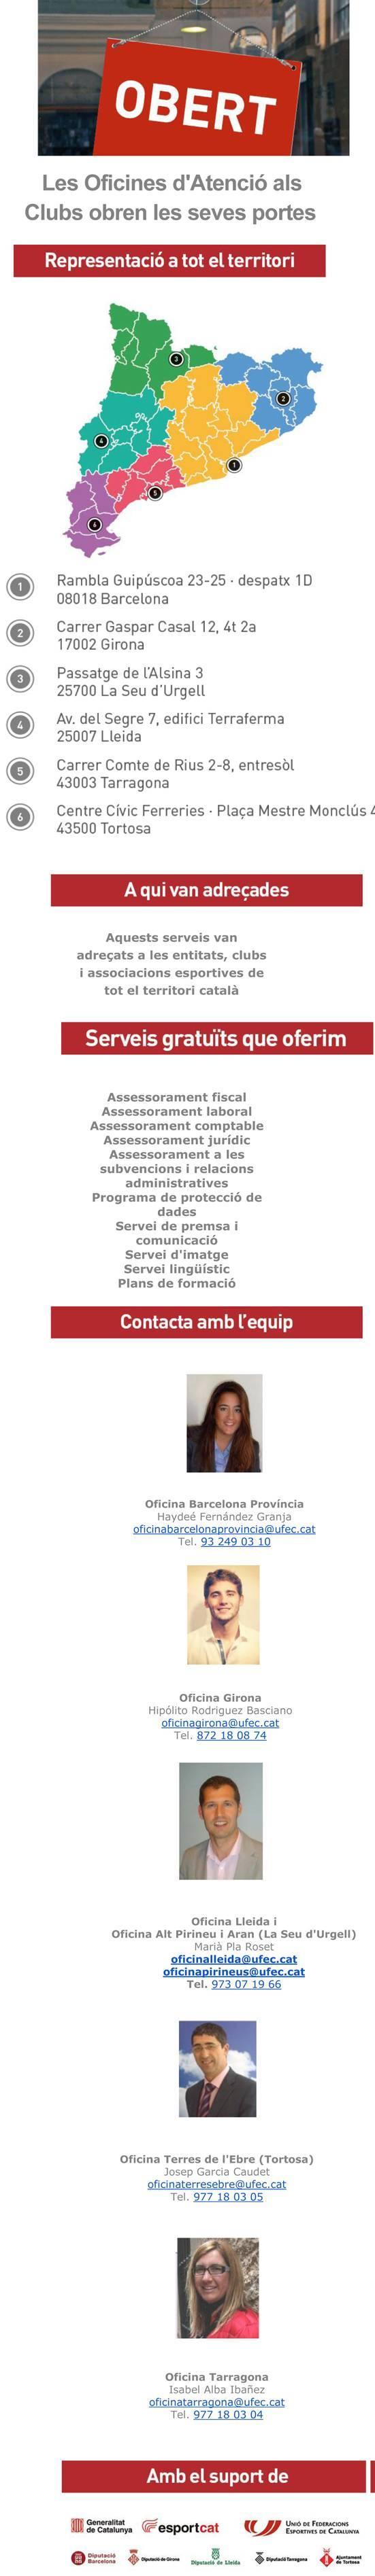 Oficines de la UFEC per l'atenció als clubs esportius federats  | Federació Catalana de Ball Esportiu